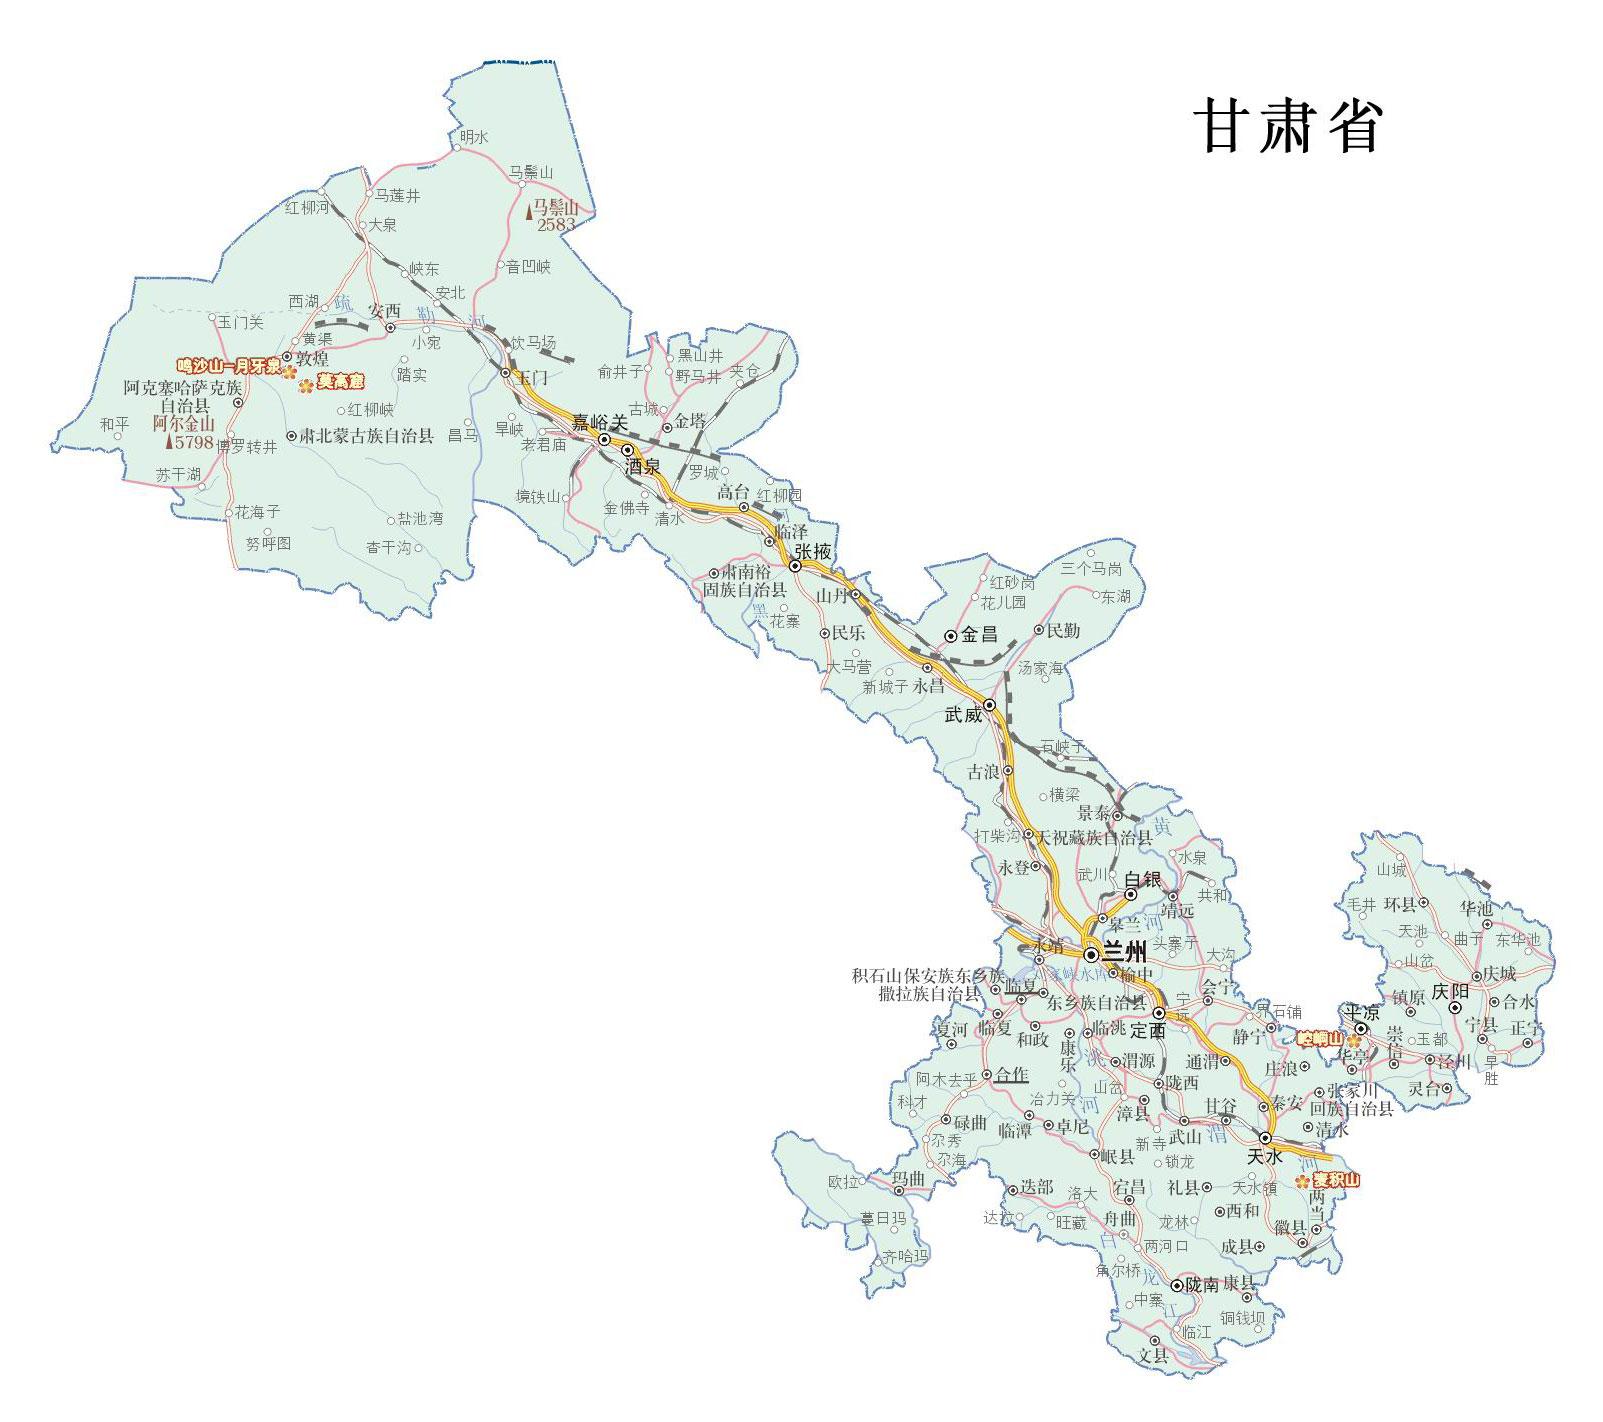 地图库 中国地图 专题 重要景区 >> 甘肃重点旅游景区分布图